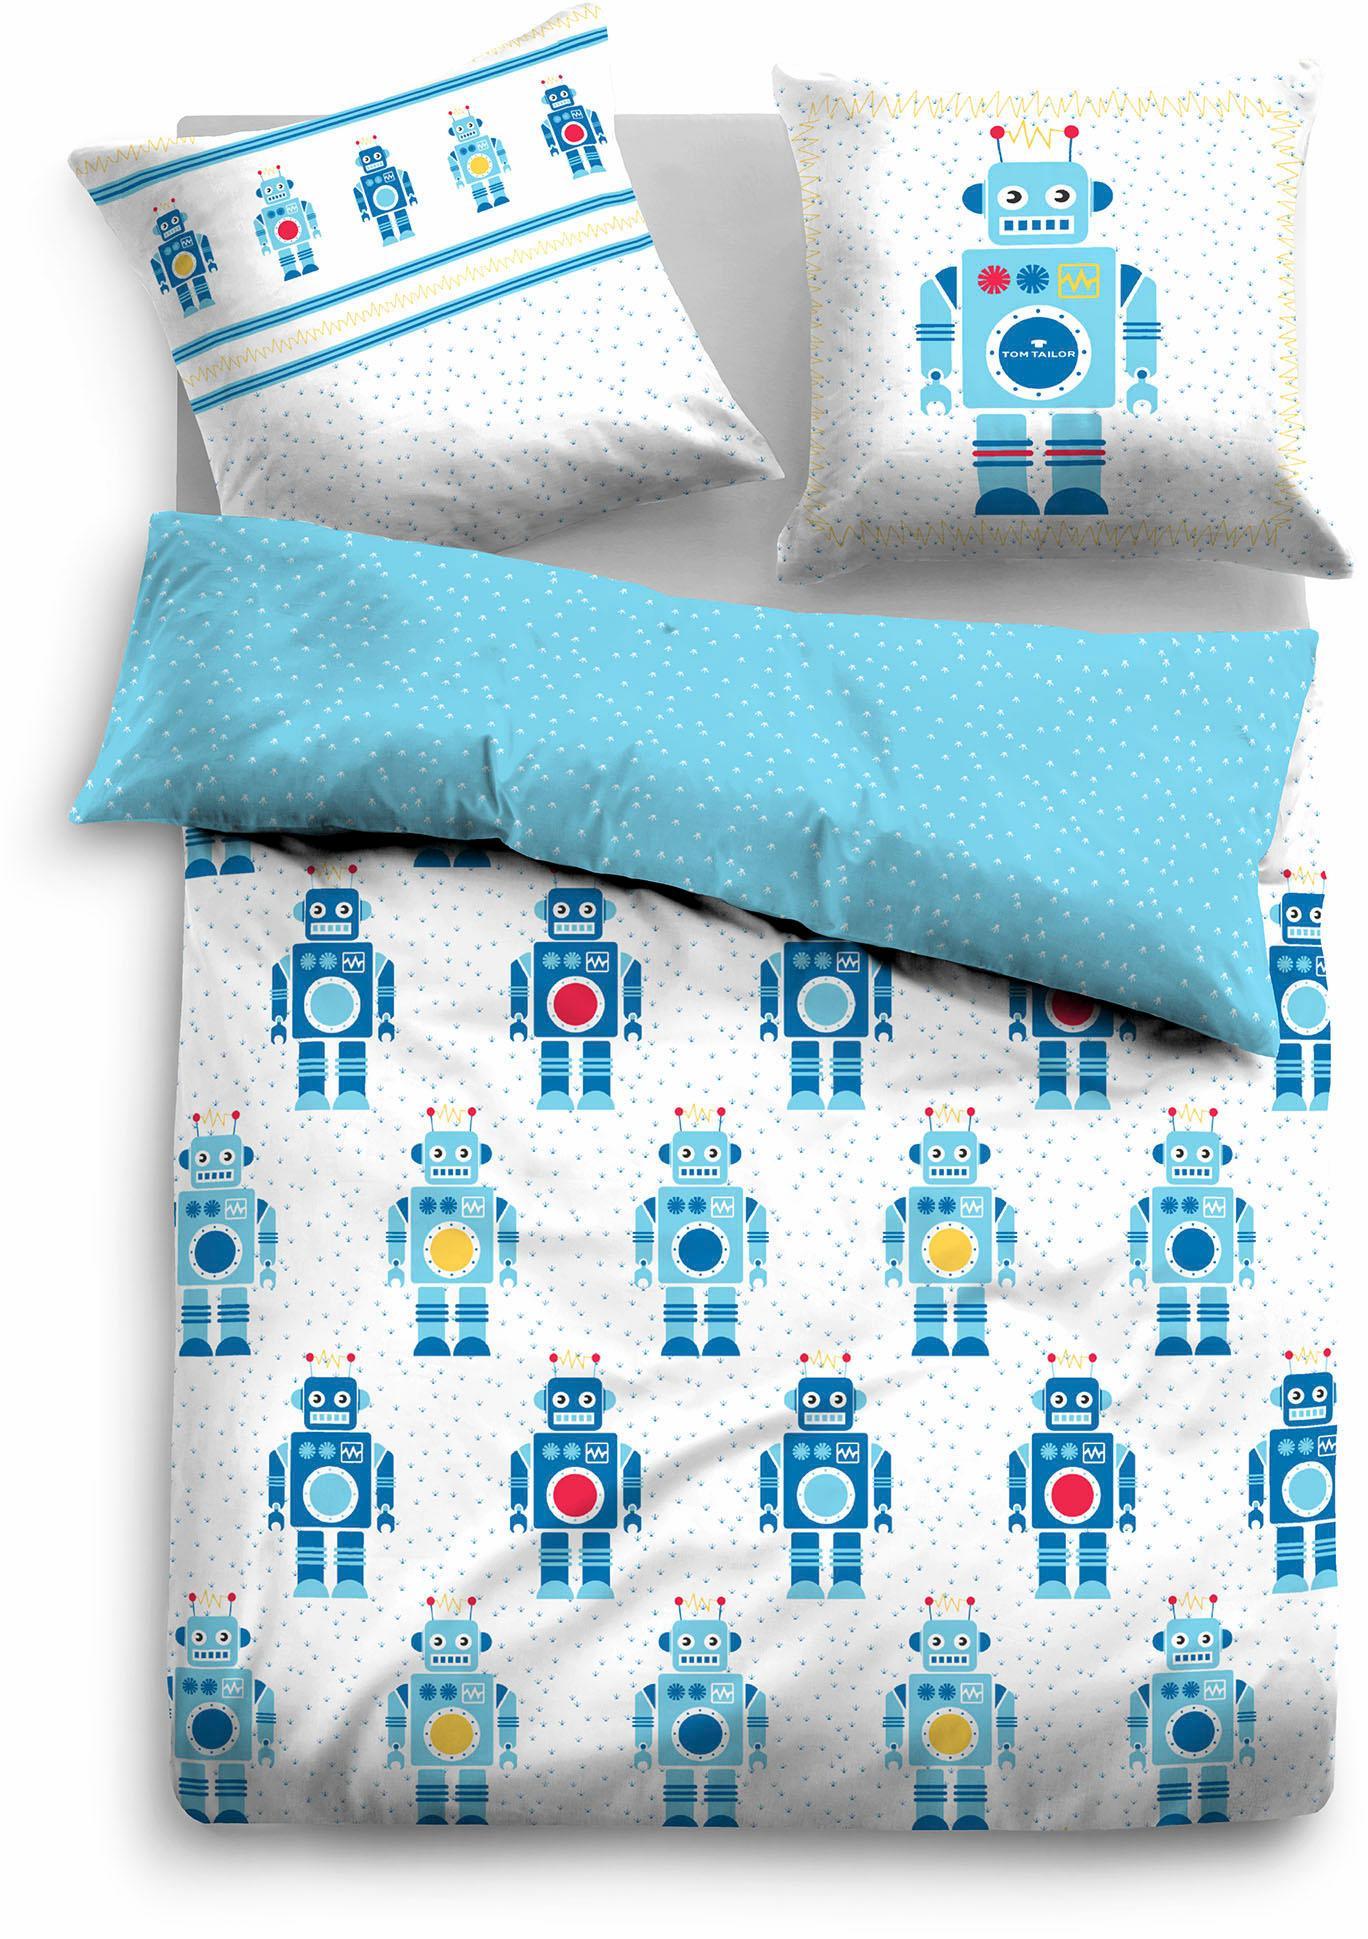 Kinderbettwäsche Tom Tailor Beni mit Robotern